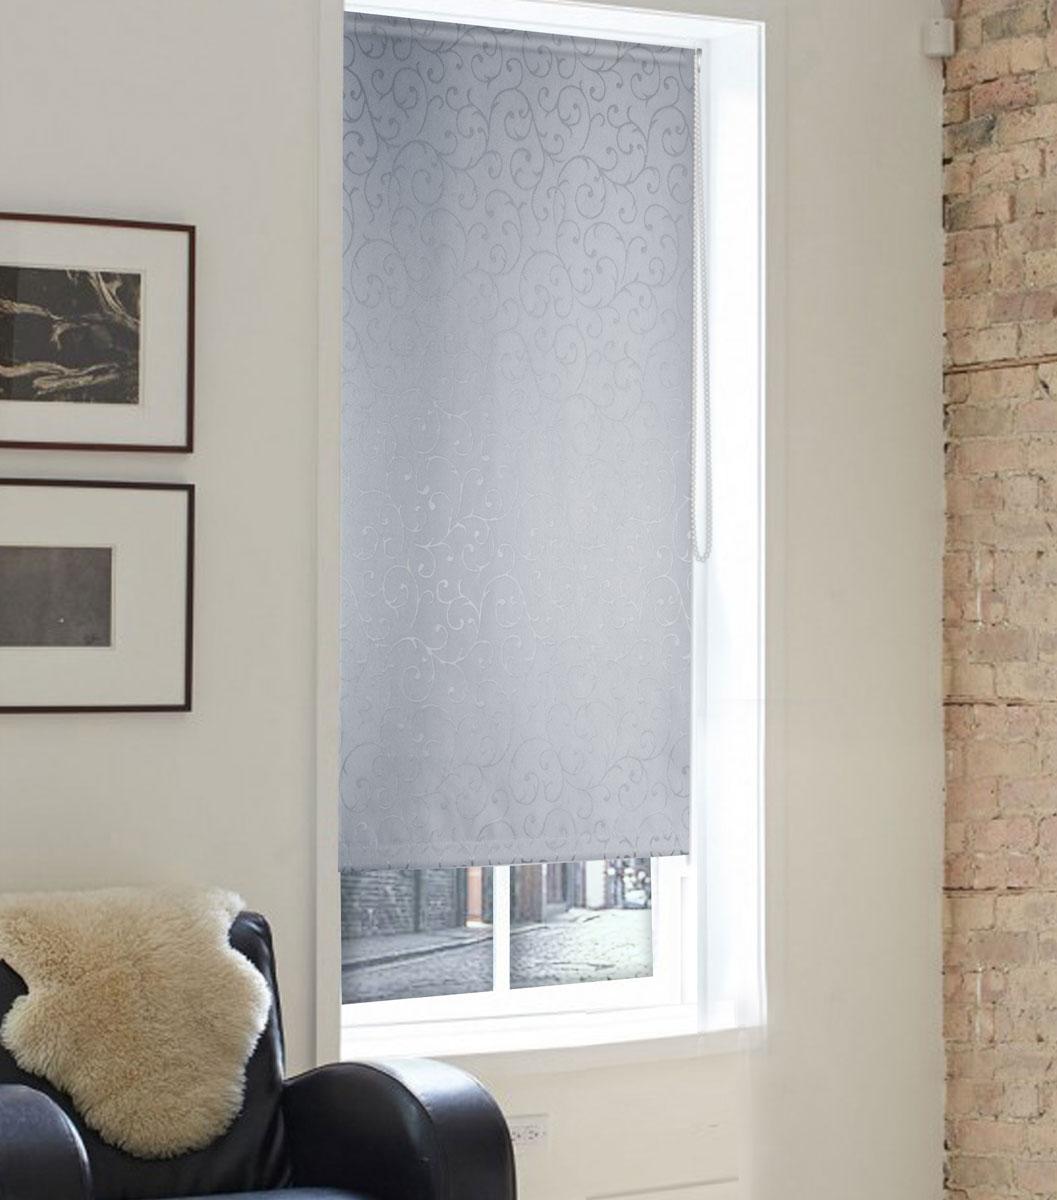 Штора рулонная Эскар Миниролло. Агат, фактурная, цвет: серый, ширина 90 см, высота 160 см39109037170Рулонная штора Эскар Миниролло. Агат выполнена из высокопрочной ткани, которая сохраняет свой размер даже при намокании. Ткань не выцветает и обладает отличной цветоустойчивостью.Миниролло - это подвид рулонных штор, который закрывает не весь оконный проем, а непосредственно само стекло. Такие шторы крепятся на раму без сверления при помощи зажимов или клейкой двухсторонней ленты. Окно остается на гарантии, благодаря монтажу без сверления. Такая штора станет прекрасным элементом декора окна и гармонично впишется в интерьер любого помещения.